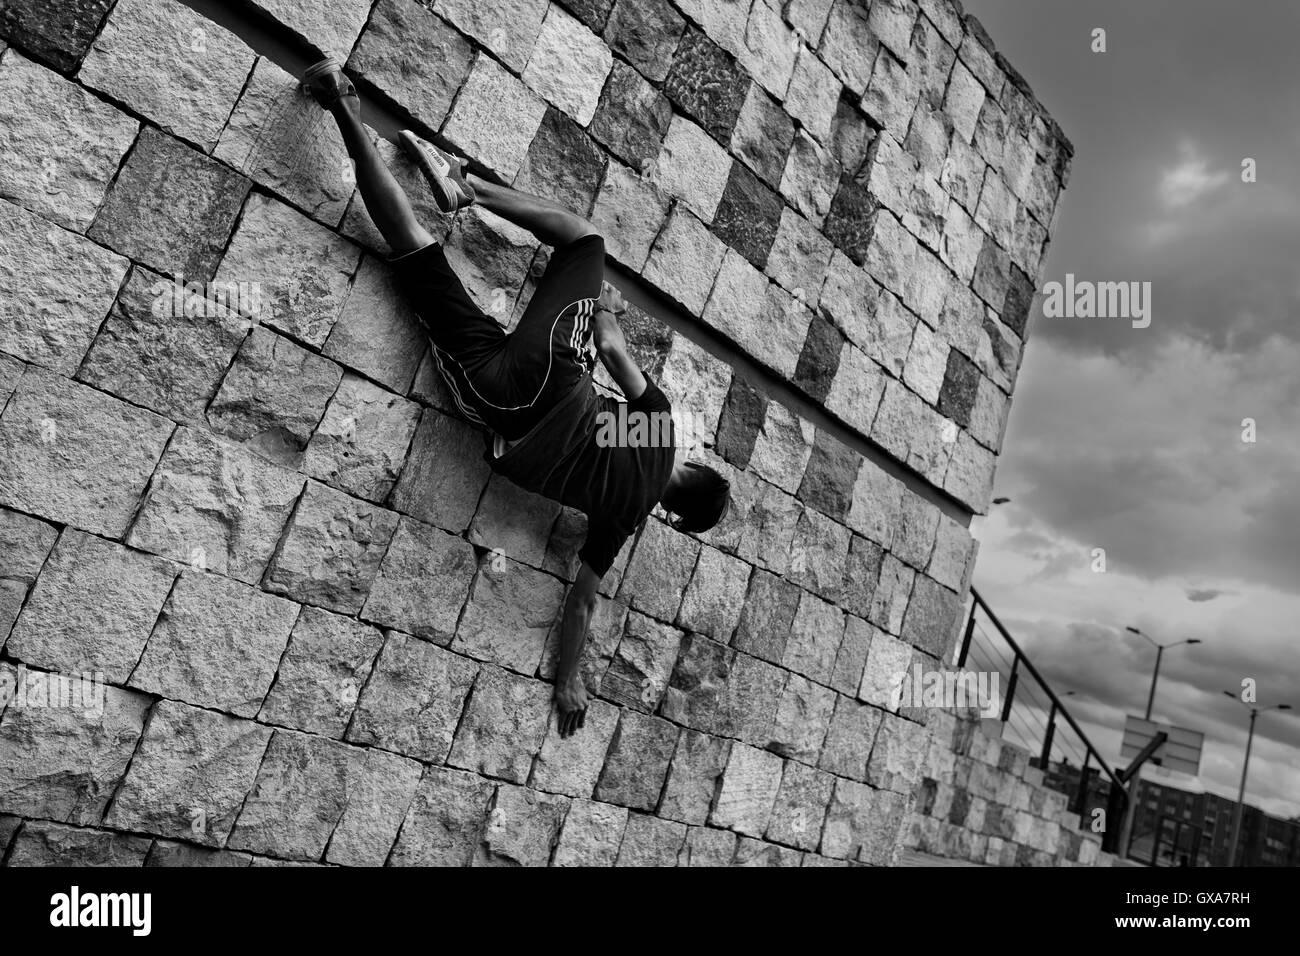 Un colombiano parkour atleta mette in mostra la sua abilità di arrampicata durante un funzionamento libero Immagini Stock